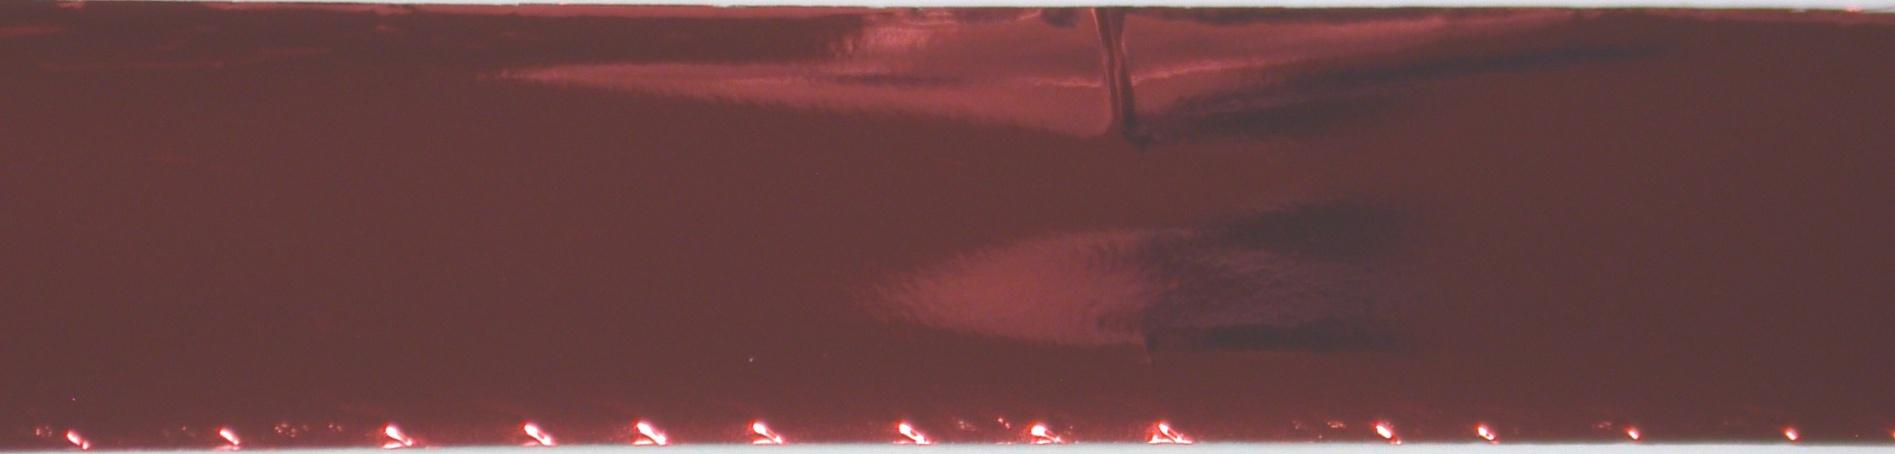 VIVI Folie na nehty hladká červená 50 cm